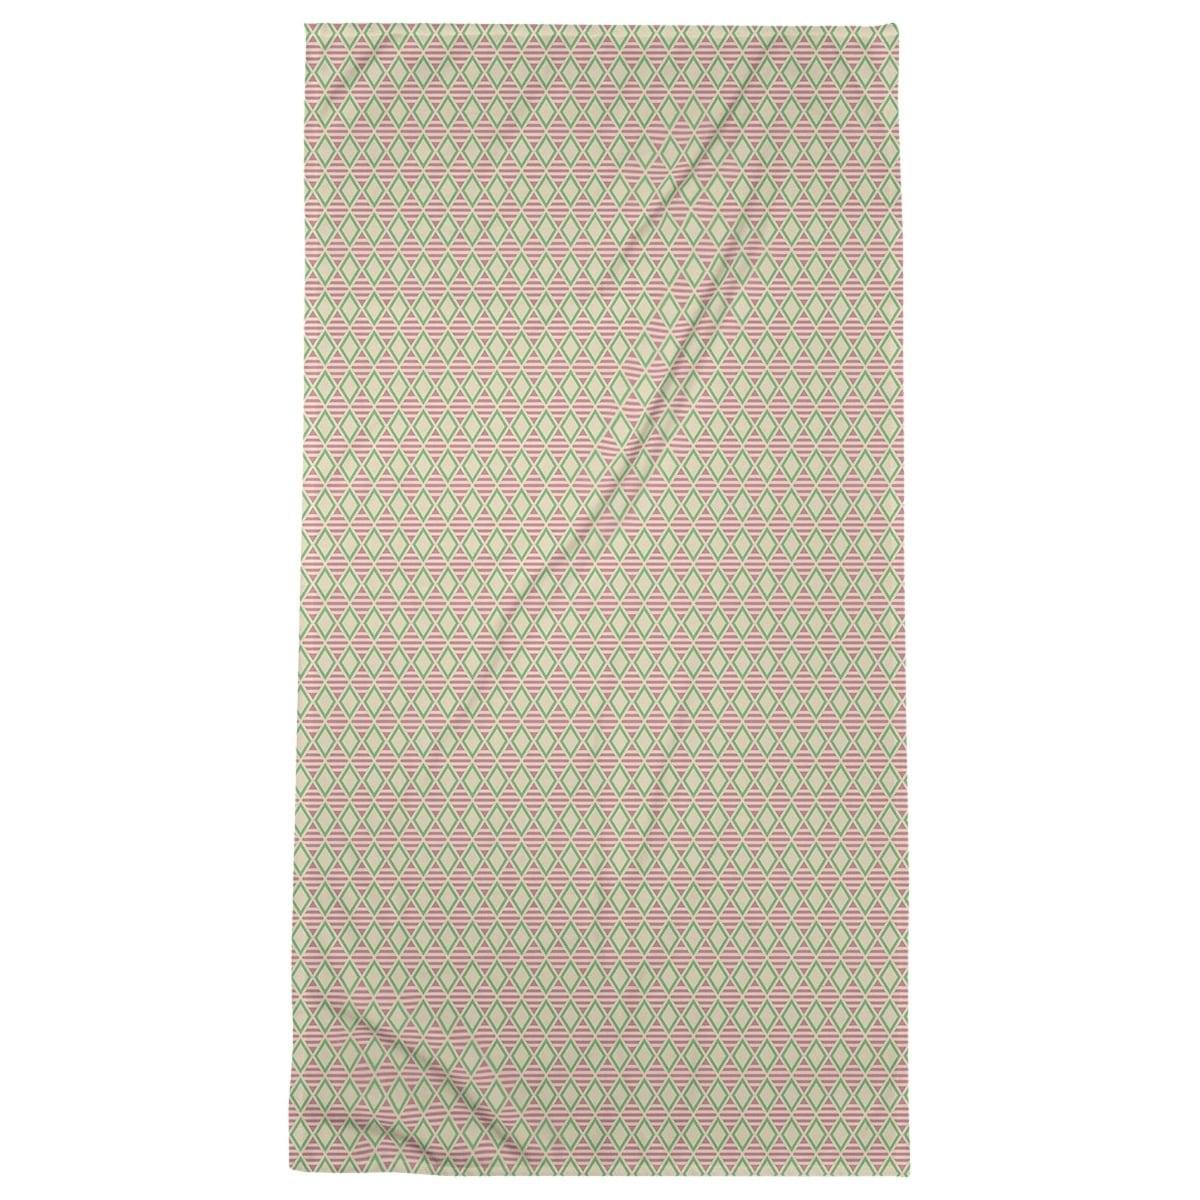 Full Color Geometric Diamonds Beach Towel 36 X 72 On Sale Overstock 28496371